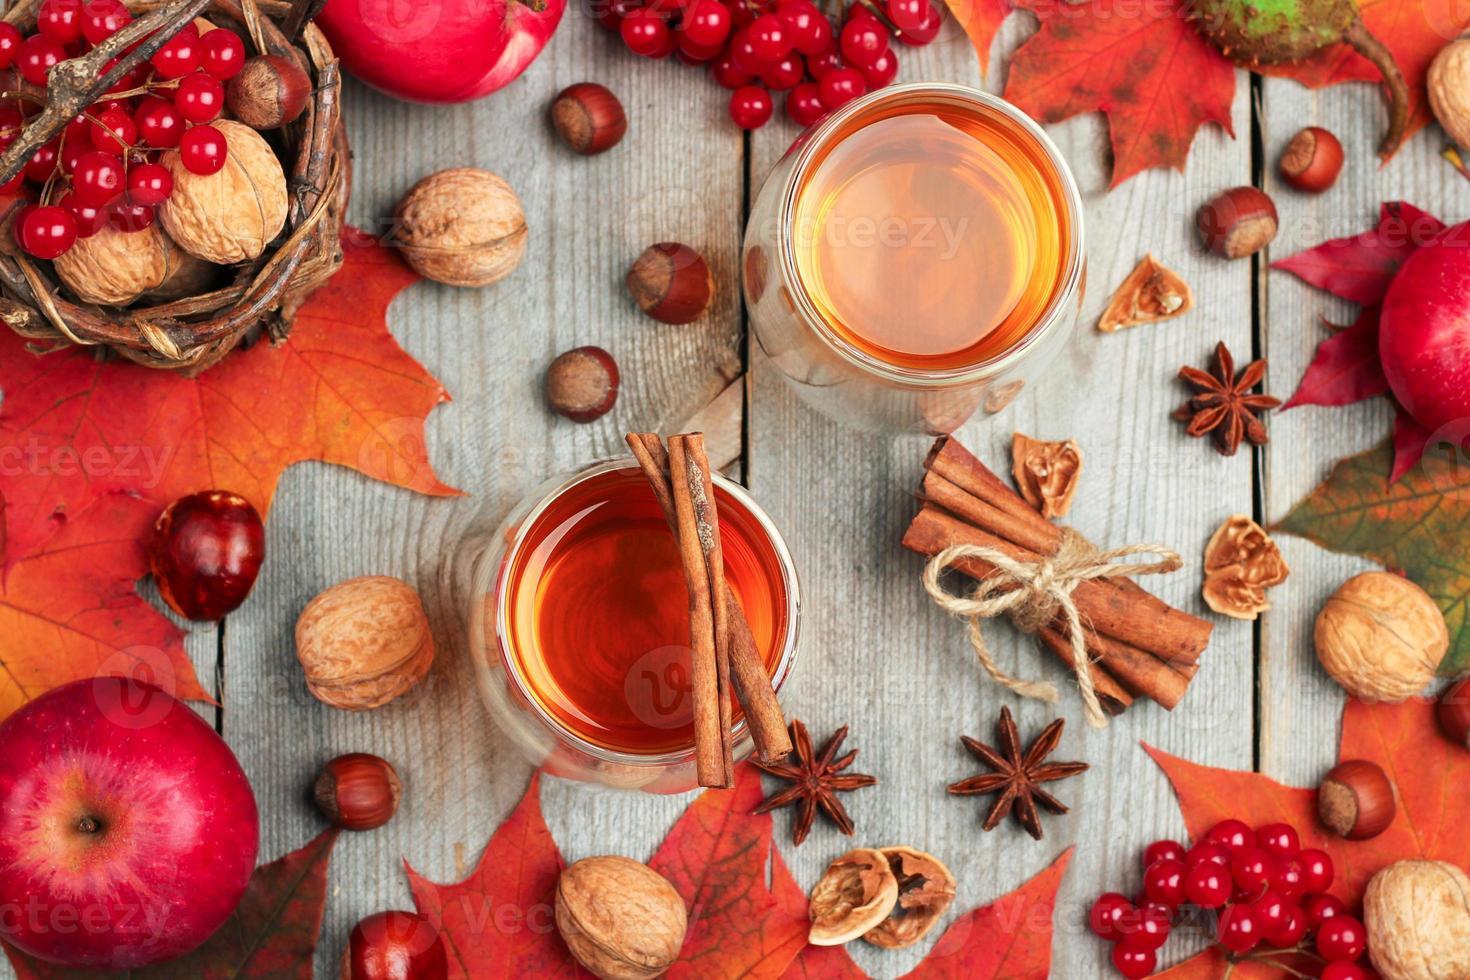 bebida quente de outono em um copo com frutas e especiarias foto